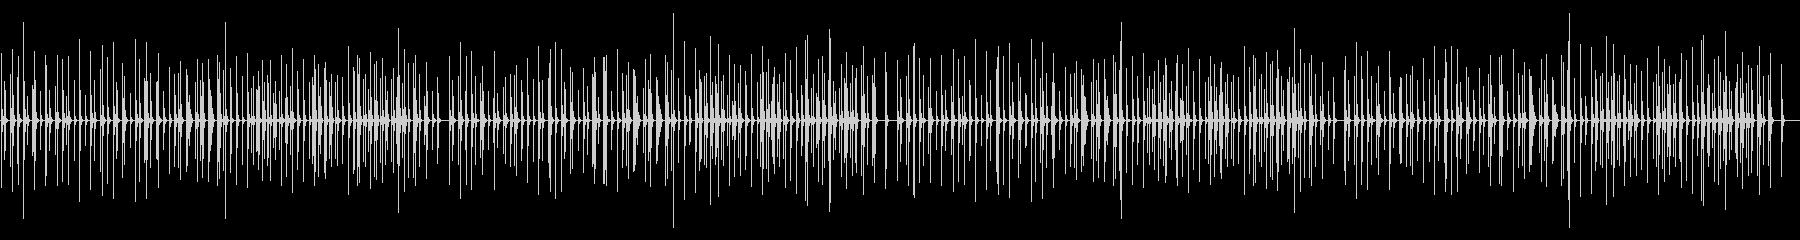 ピクニック 卓上木琴の未再生の波形